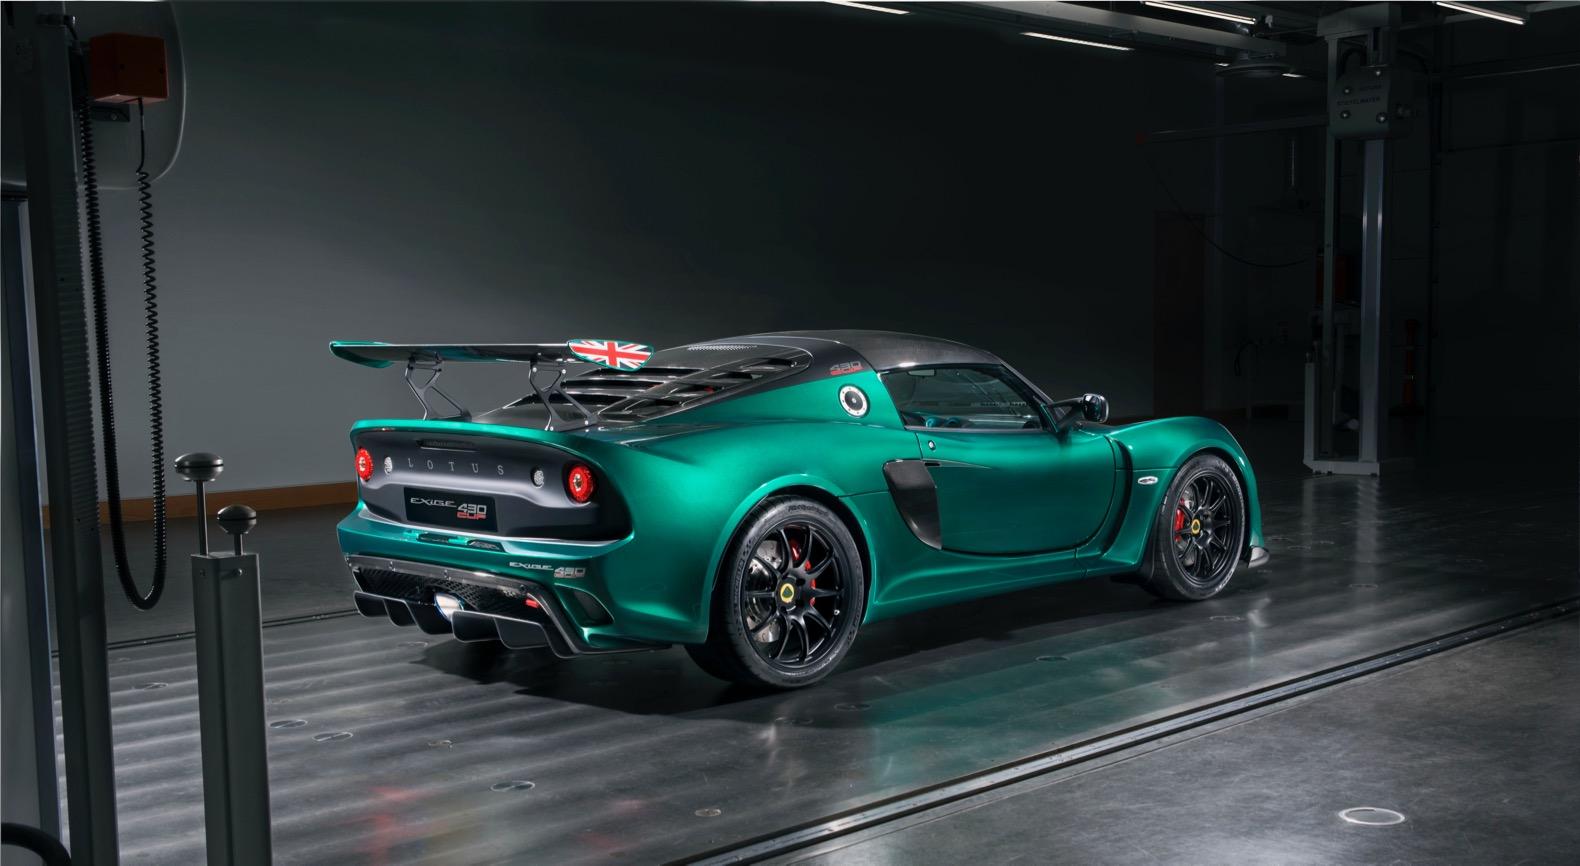 Lotus сделал 430-сильное купе Exige Cup 430